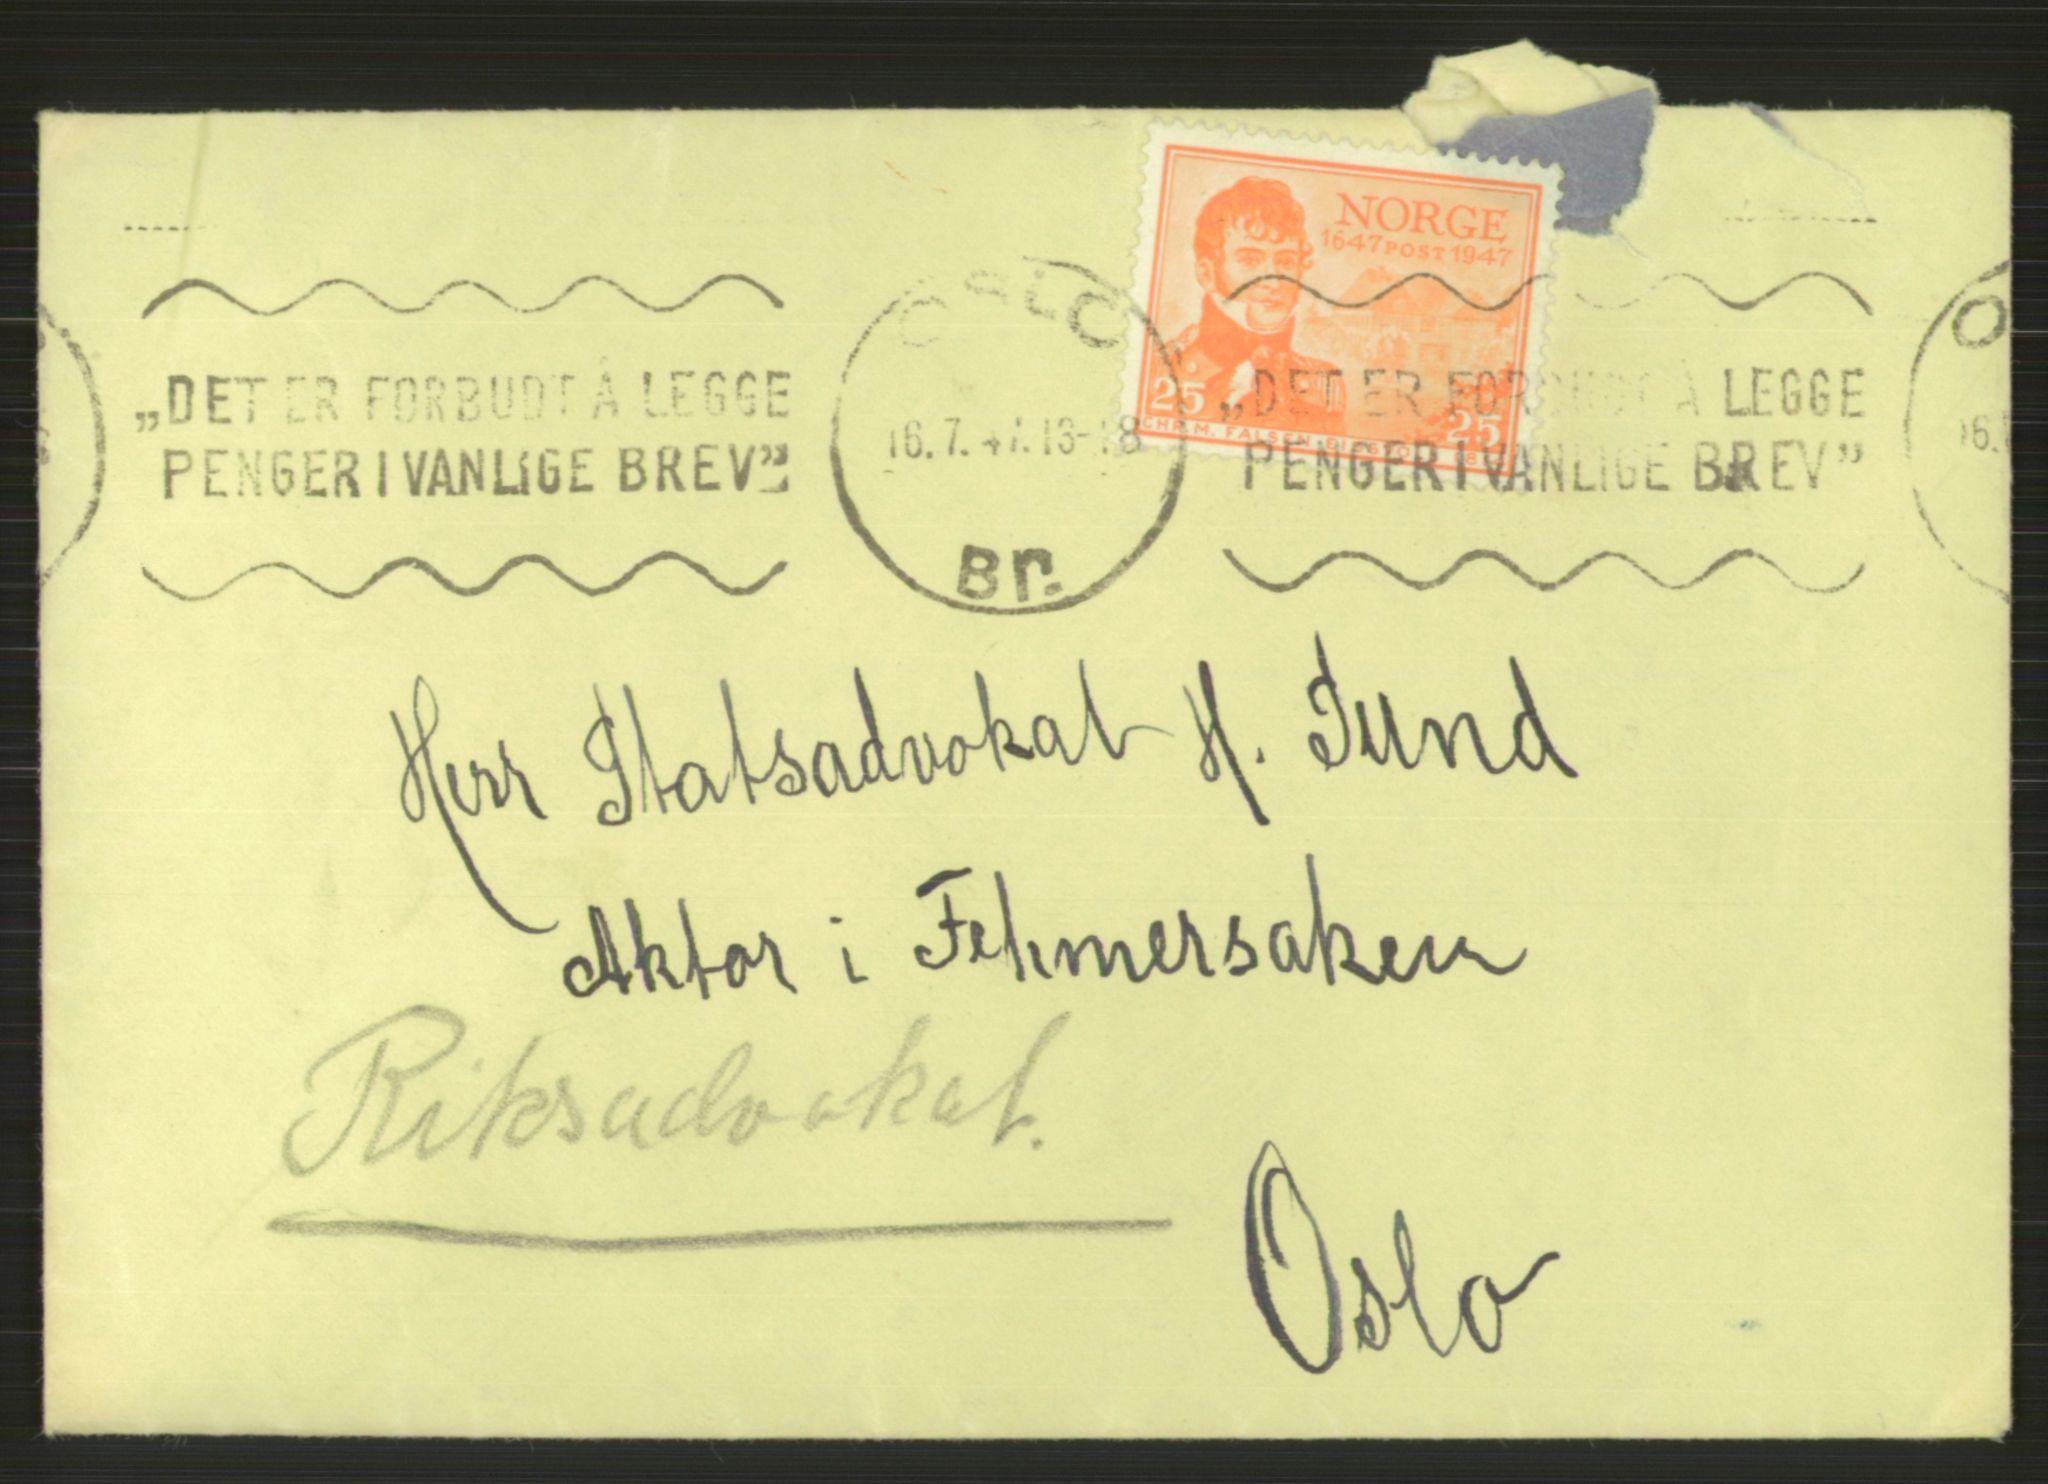 RA, Landssvikarkivet, Oslo politikammer, D/Dg/L0267: Henlagt hnr. 3658, 1945-1946, s. 11